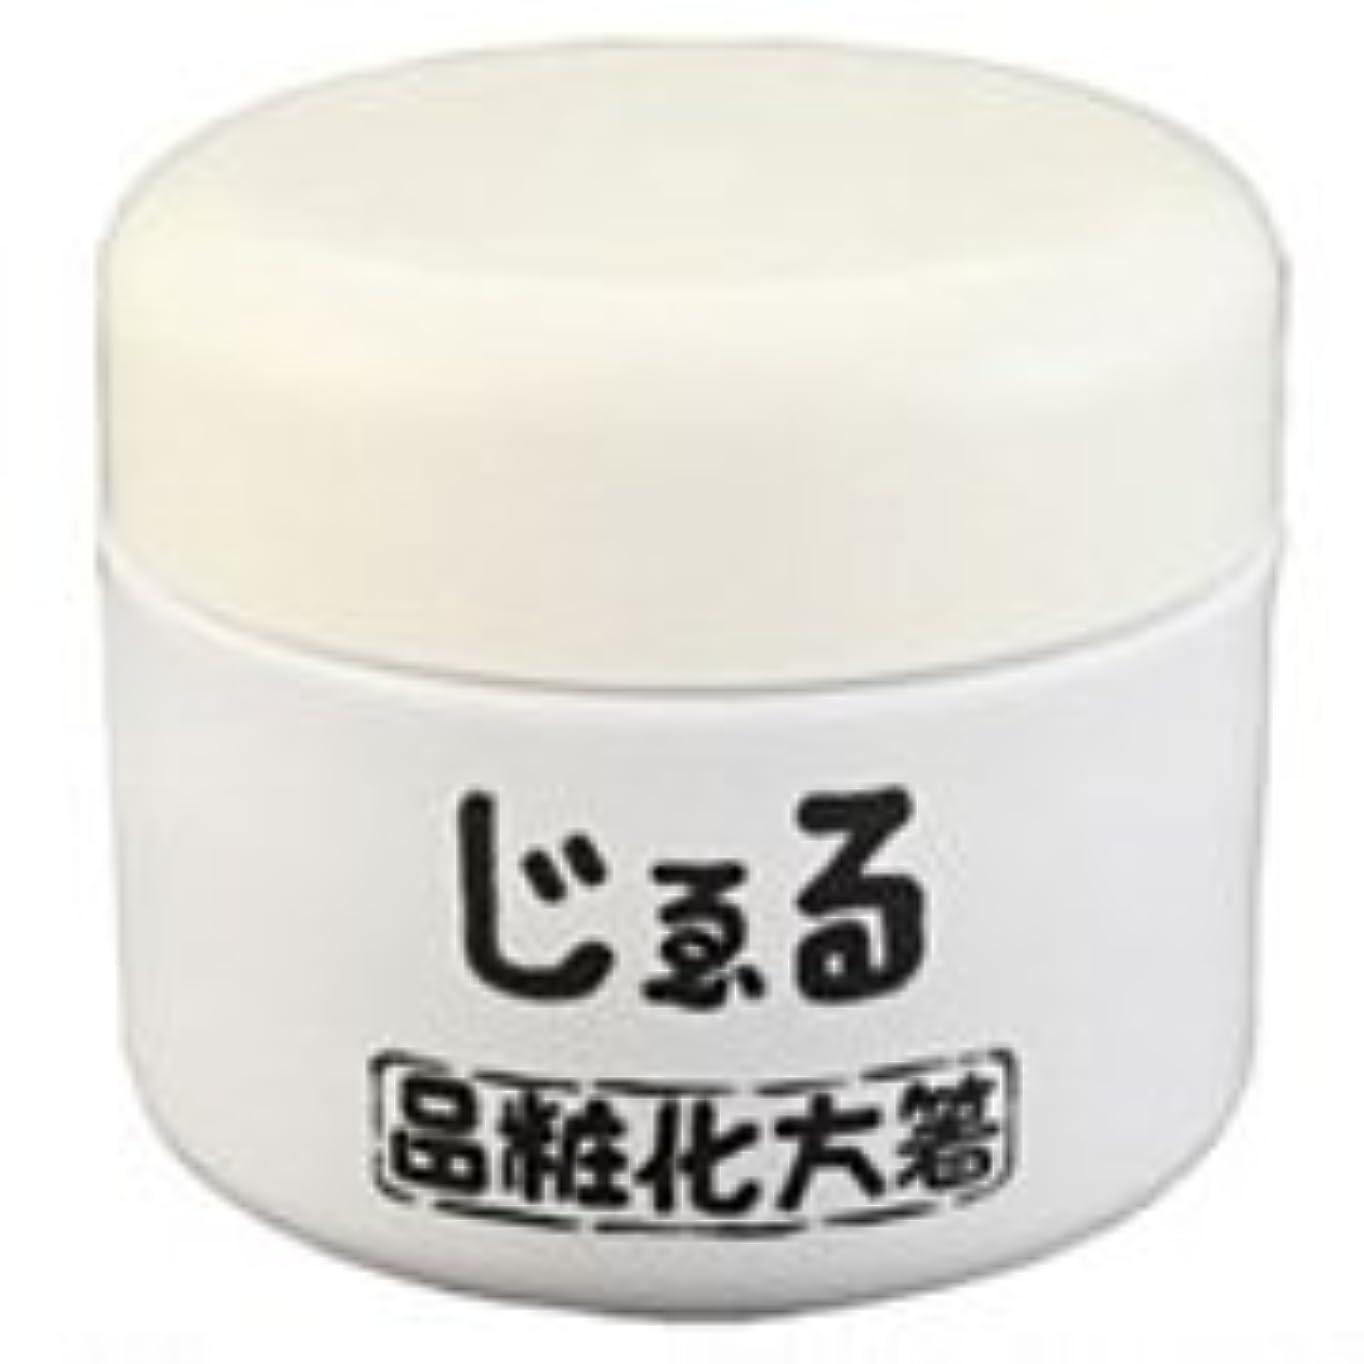 反響する未使用サイトライン[箸方化粧品] じぇる 38g はしかた化粧品